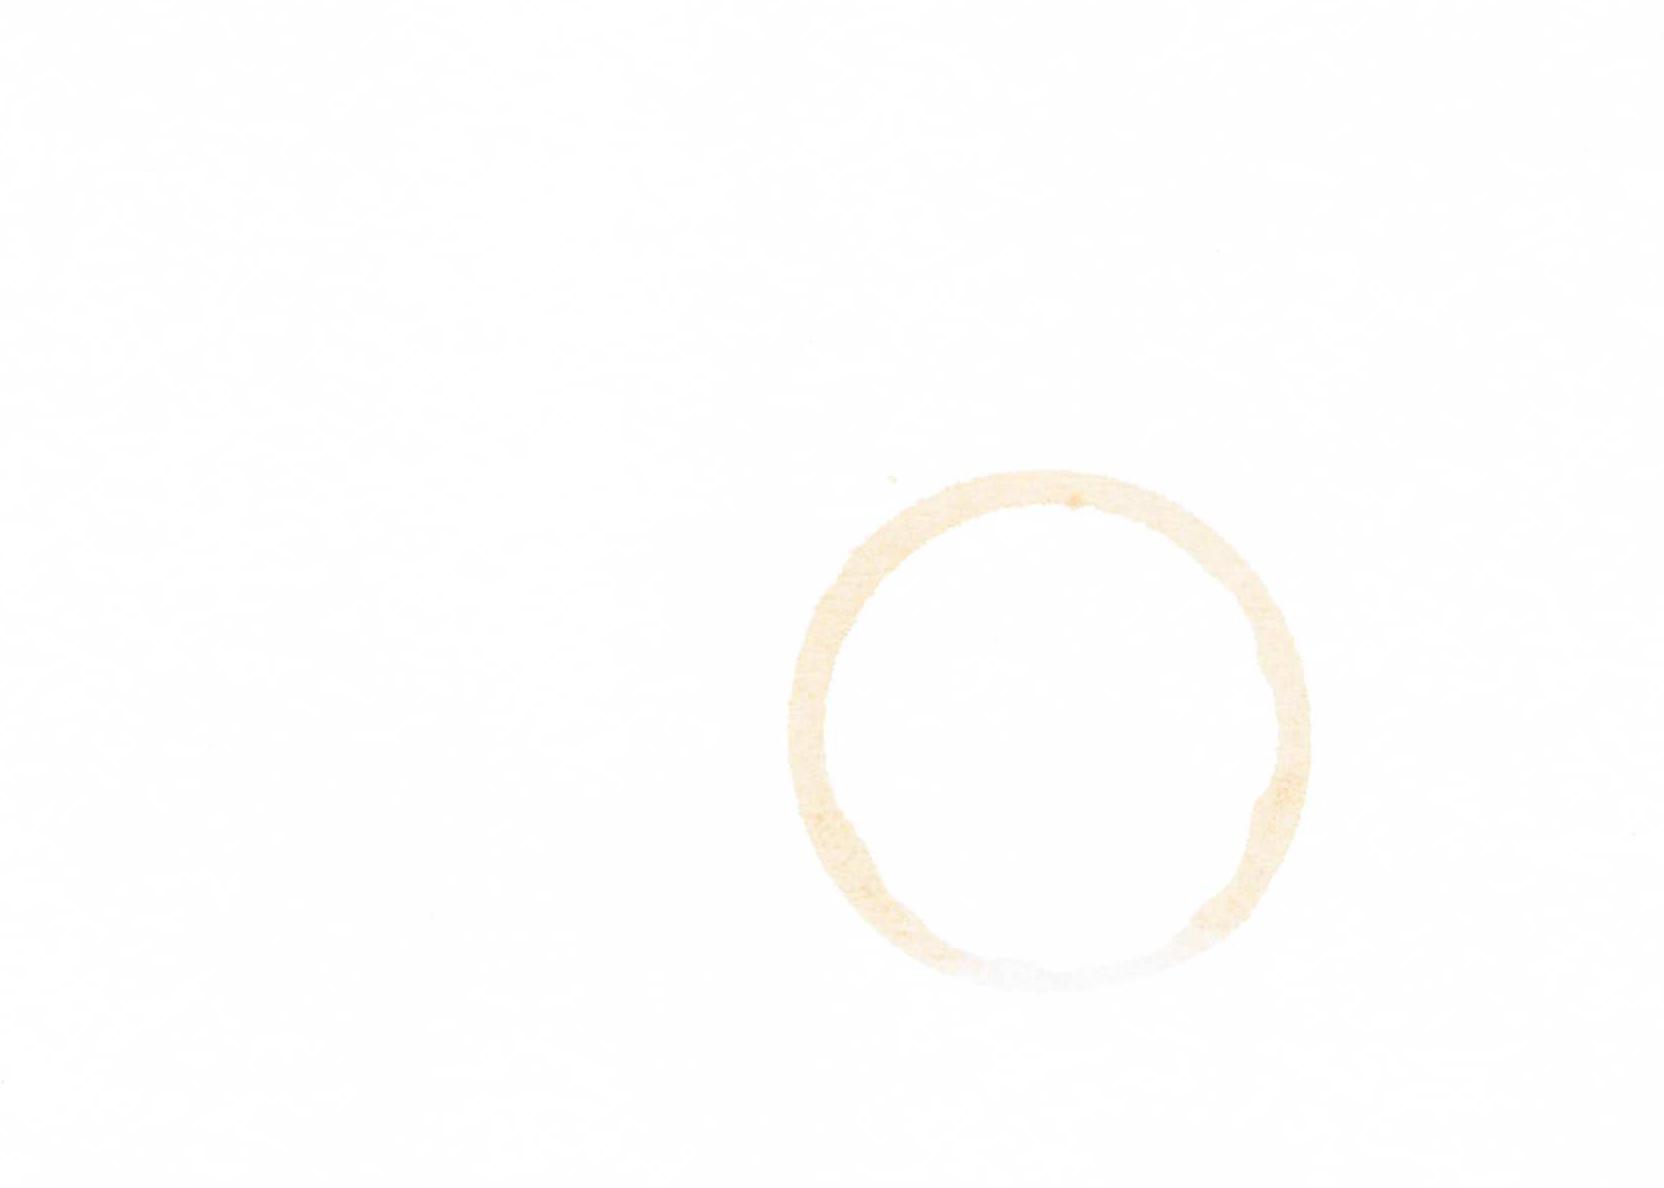 coffeerings-jpg_0007c.jpg